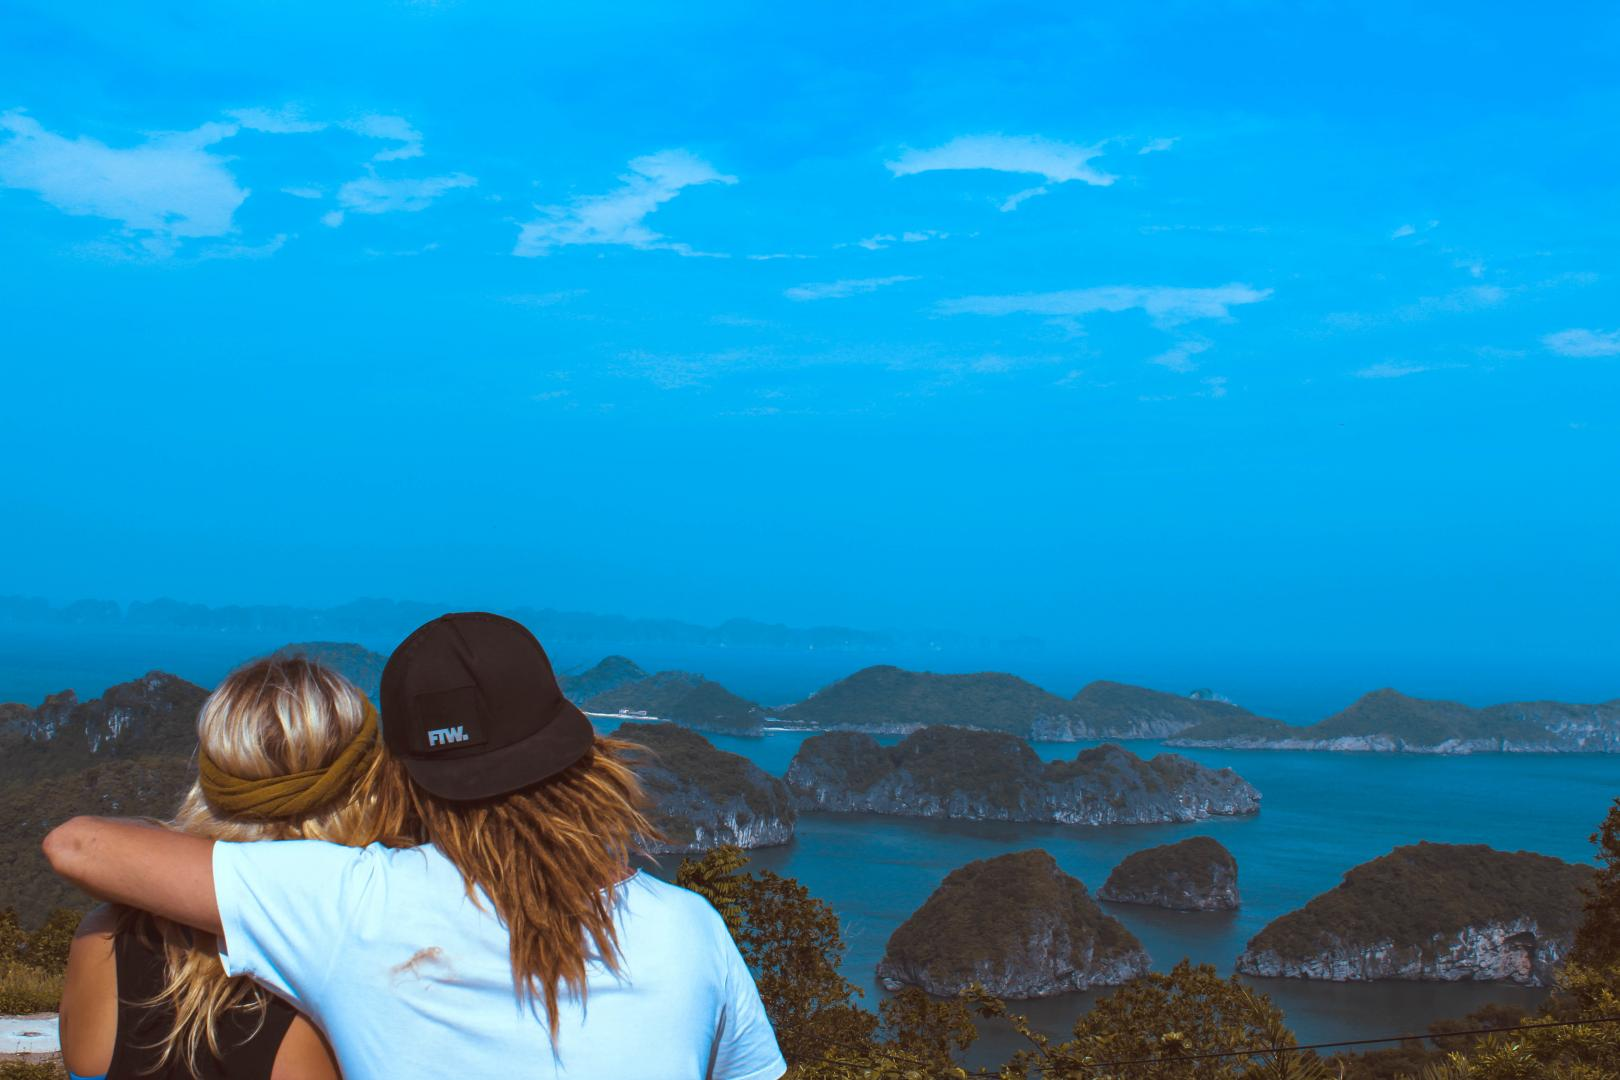 Romantic Vietnam Honeymoon Guide Honeymoon In Vietnam